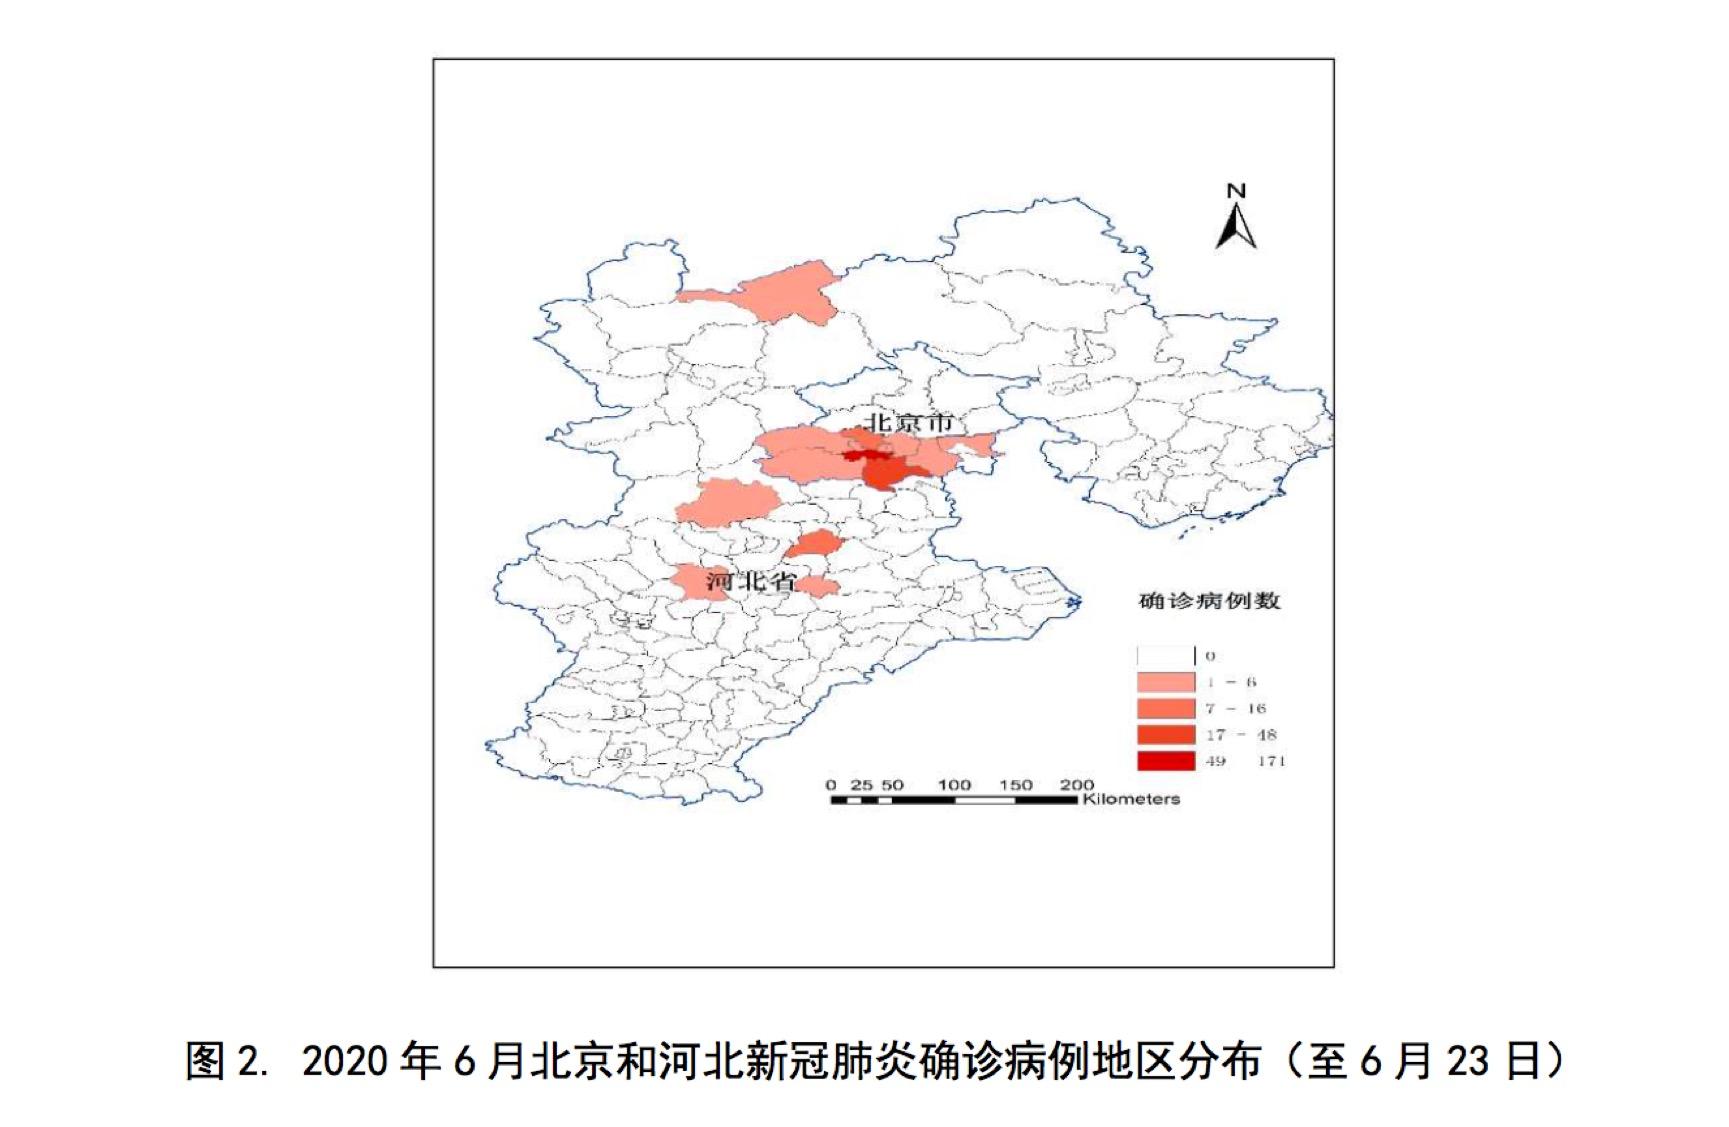 北京本次疫情排除动物病毒外溢或武汉流行毒株导致